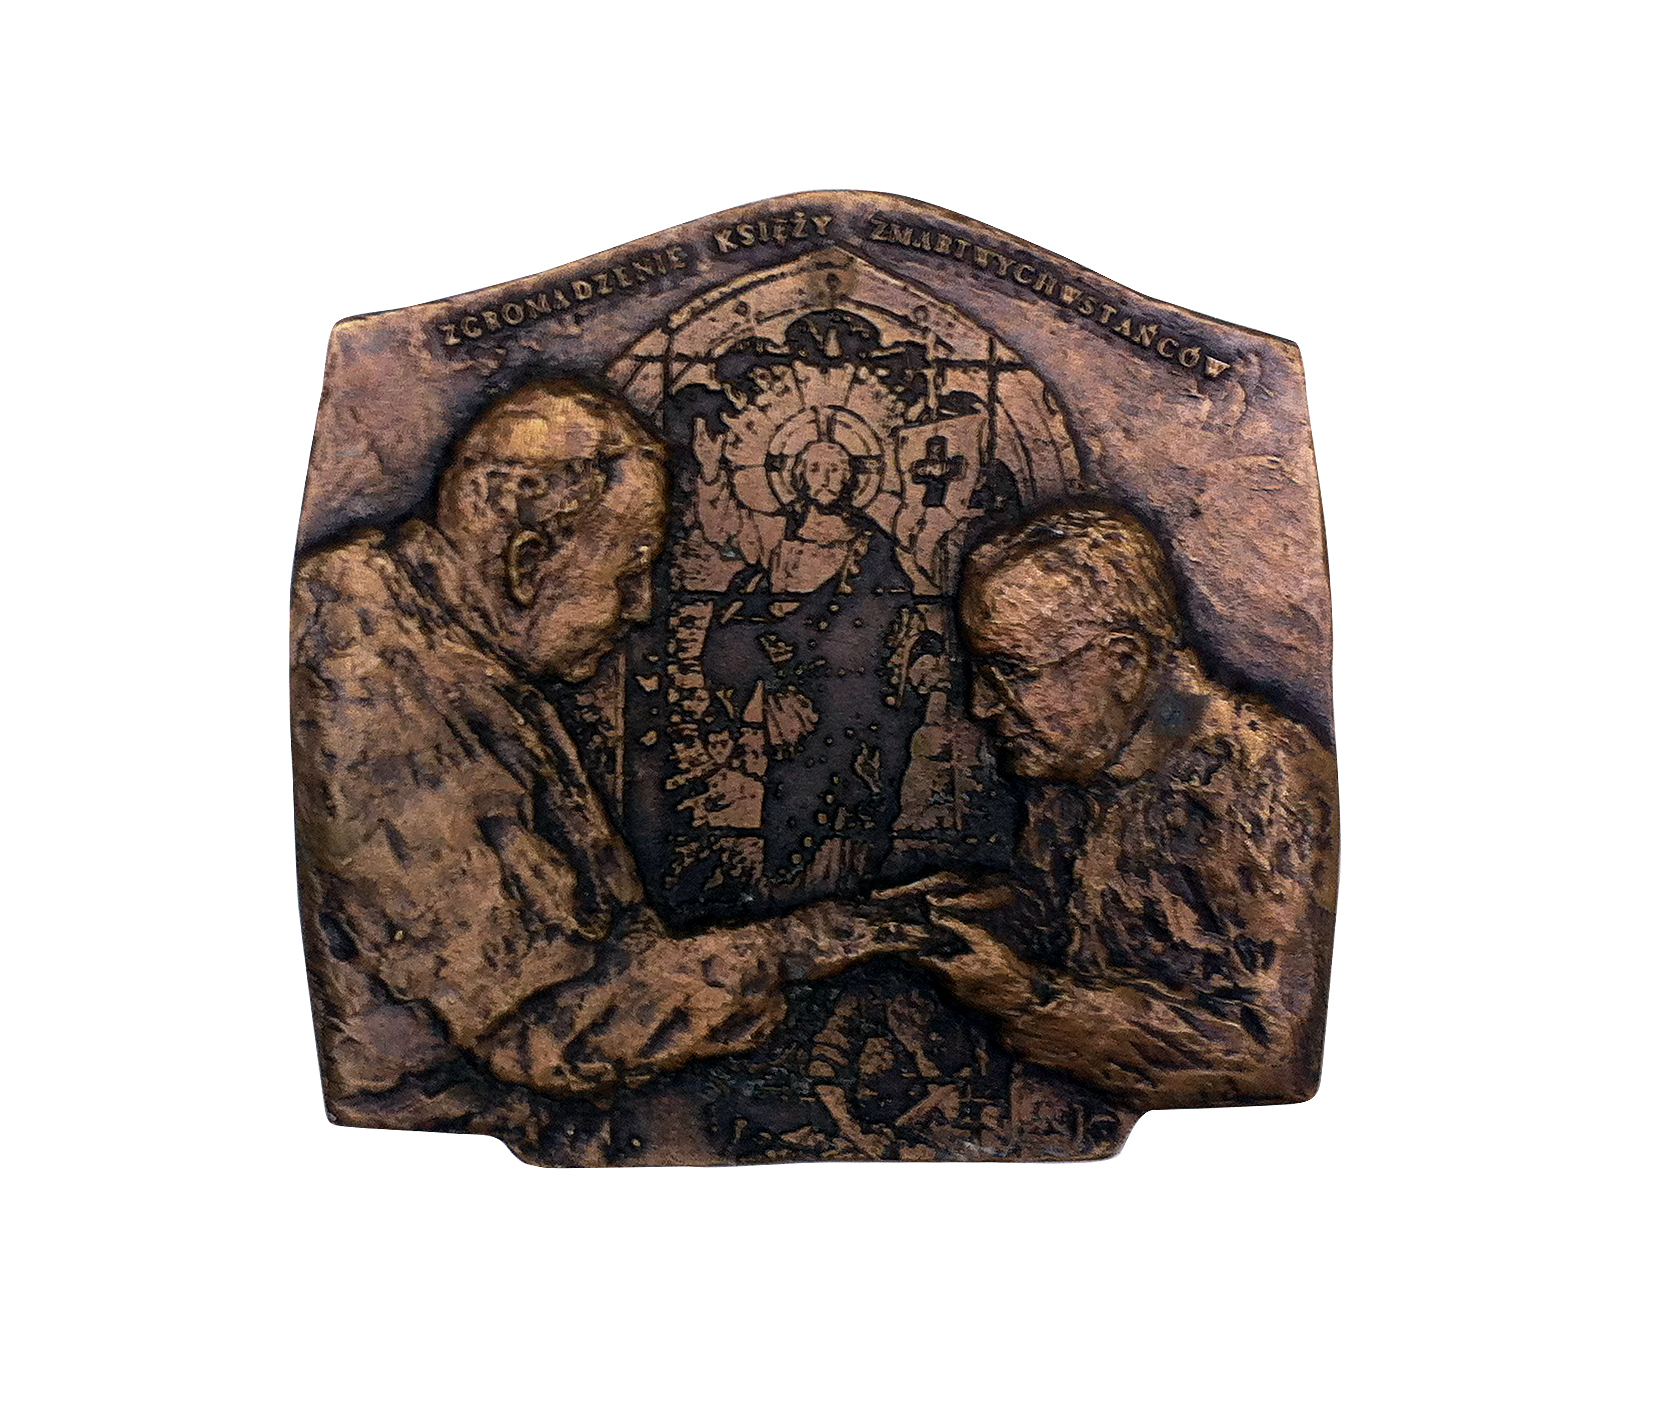 DEO GRATIAS, brąz, 14,6 x 15,6 cm, 2000